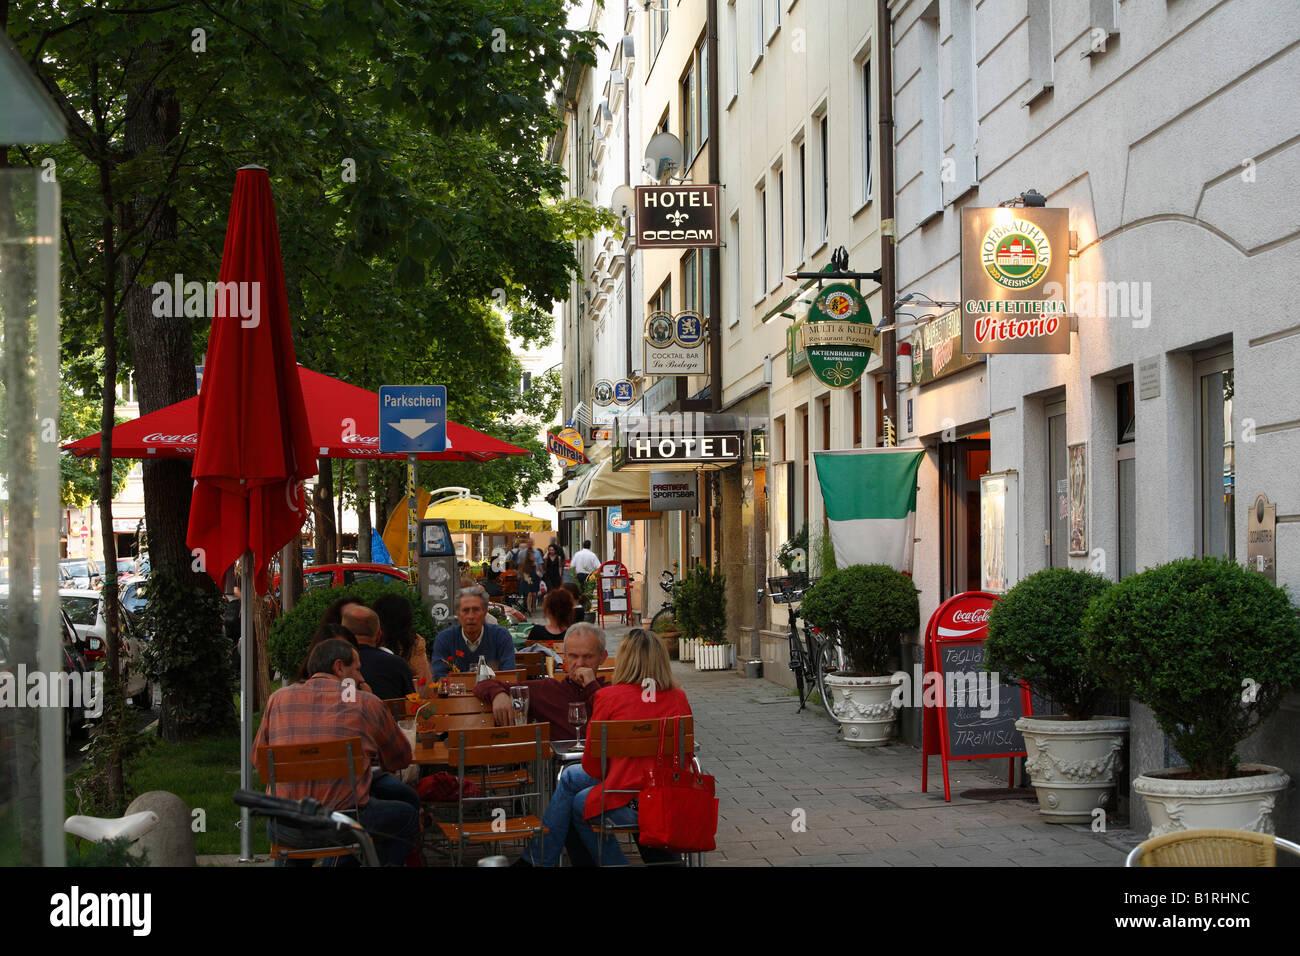 Kneipen auf Occamstrasse Street, Schwabing, München